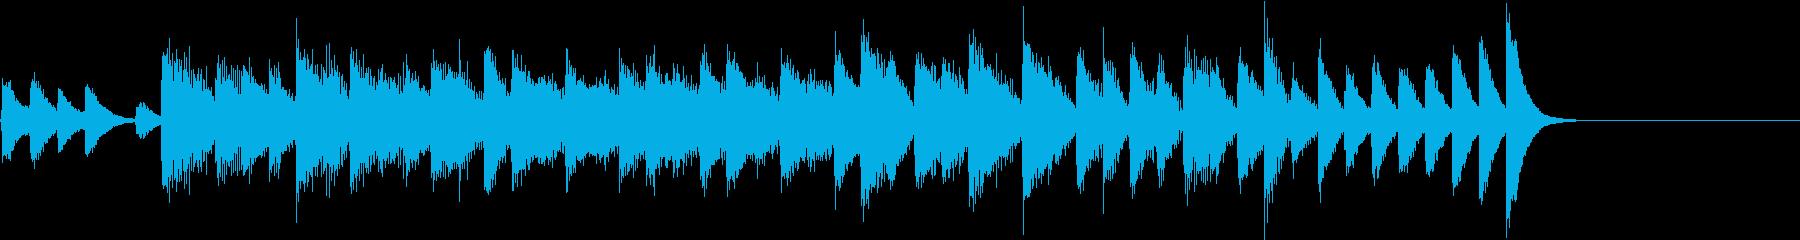 快活なスピード感のあるピアノジングルの再生済みの波形